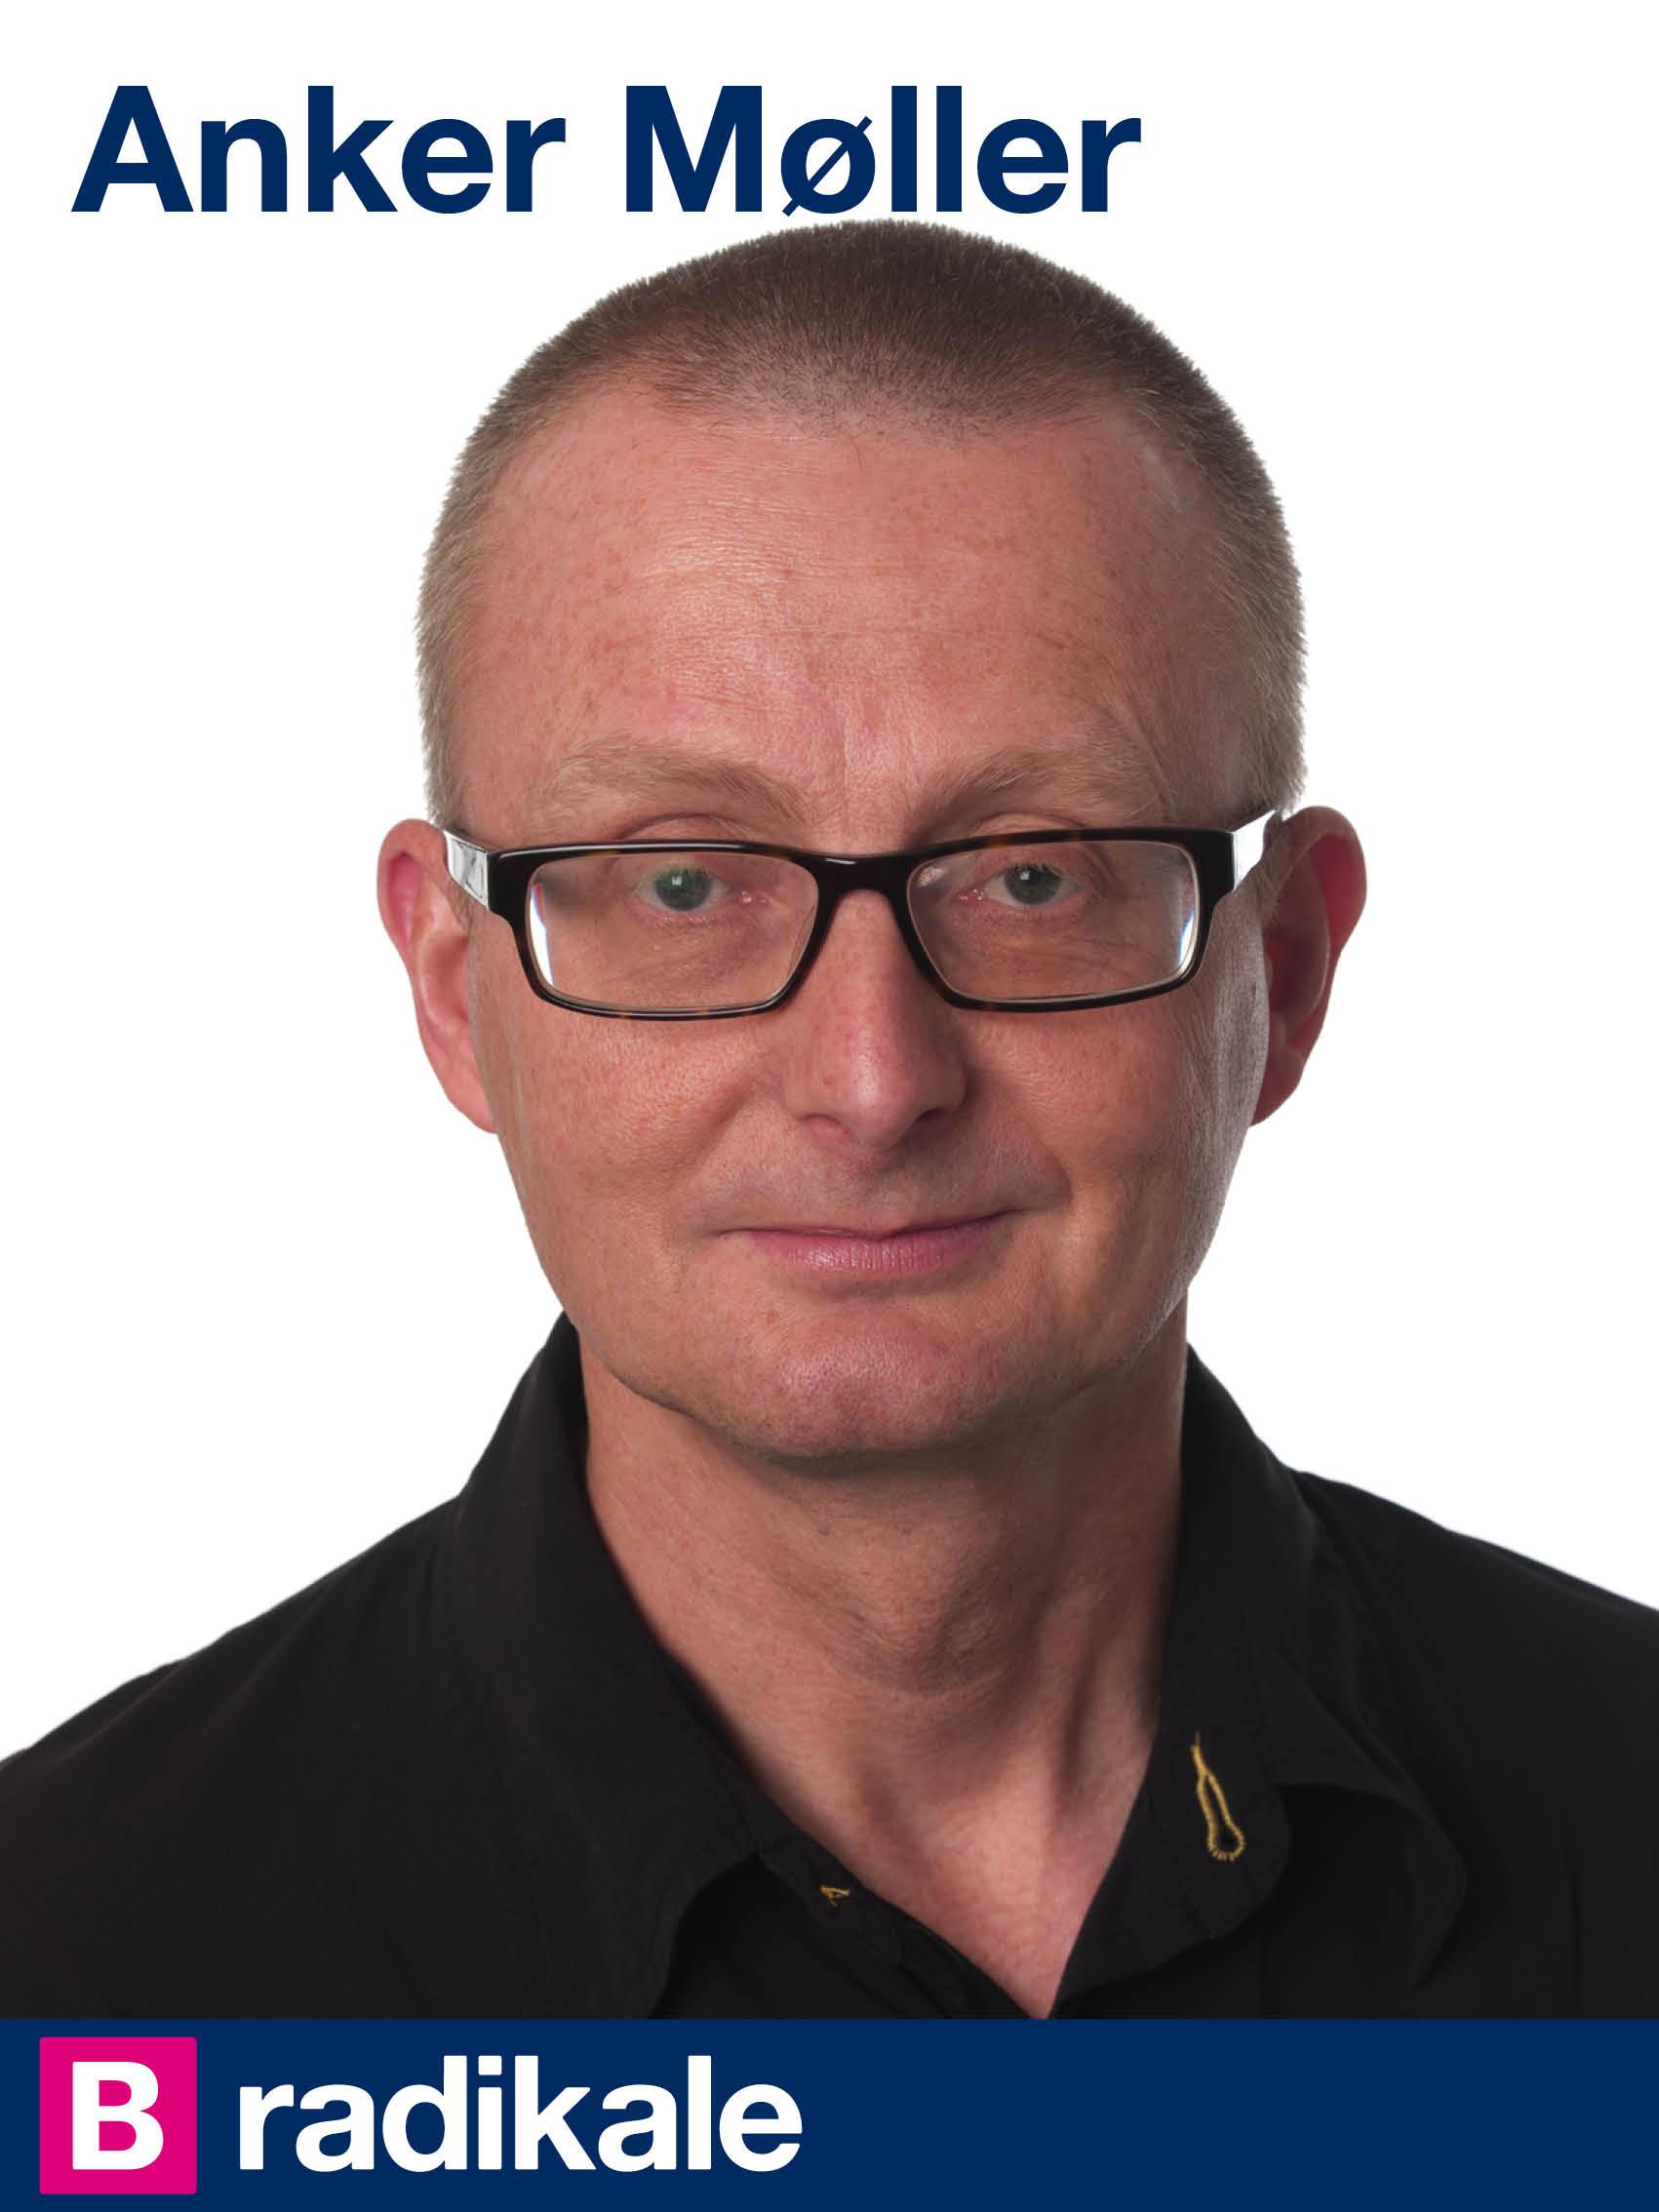 Anker Møller